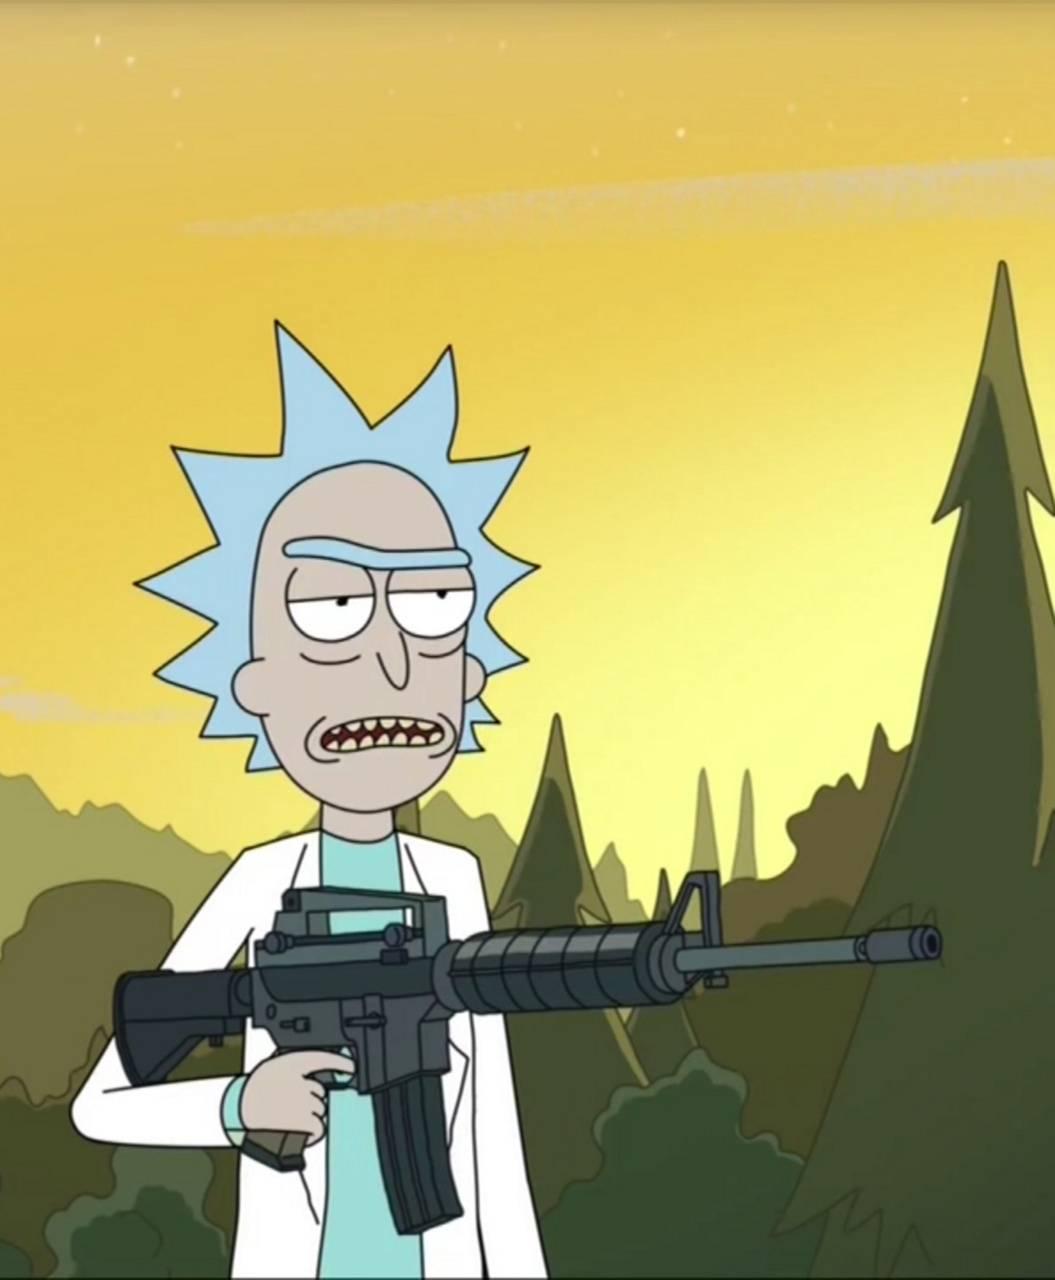 Rifle Rick